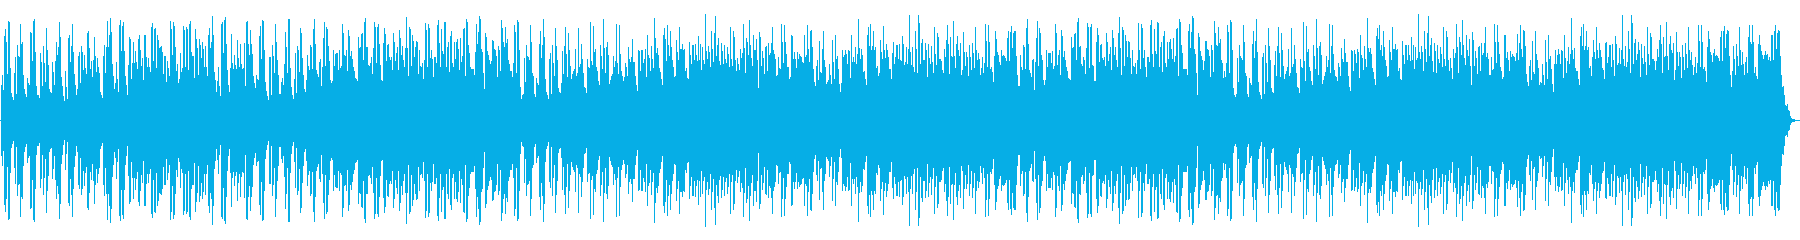 グロッケンシュピール、コントラバス...の再生済みの波形